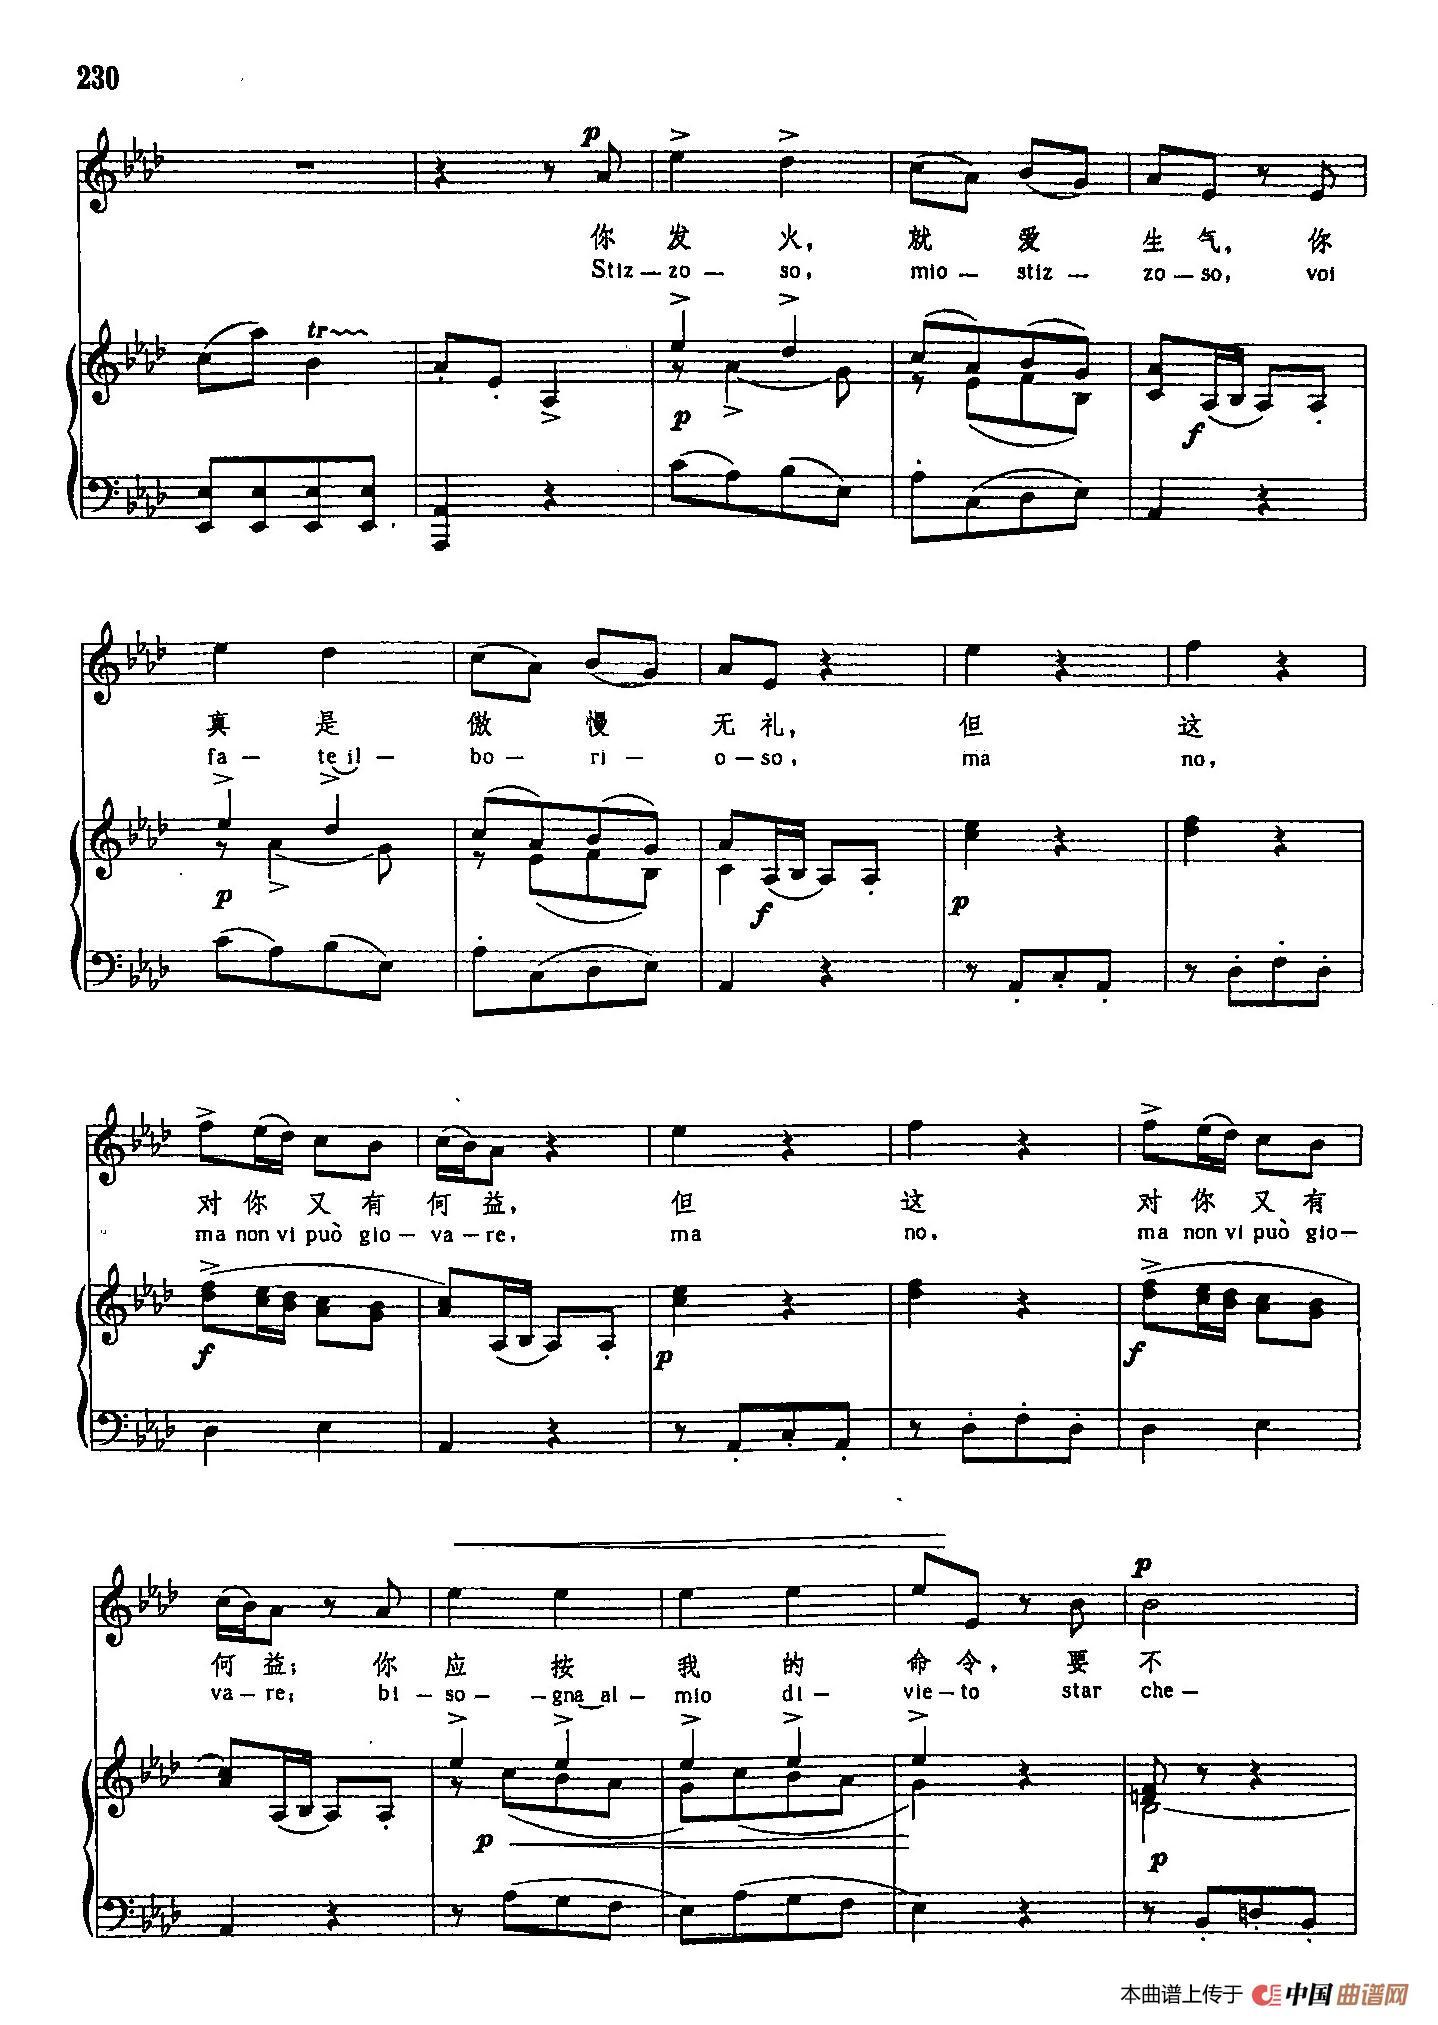 声乐教学曲库3-[意]48你发火,就爱生气(正谱)